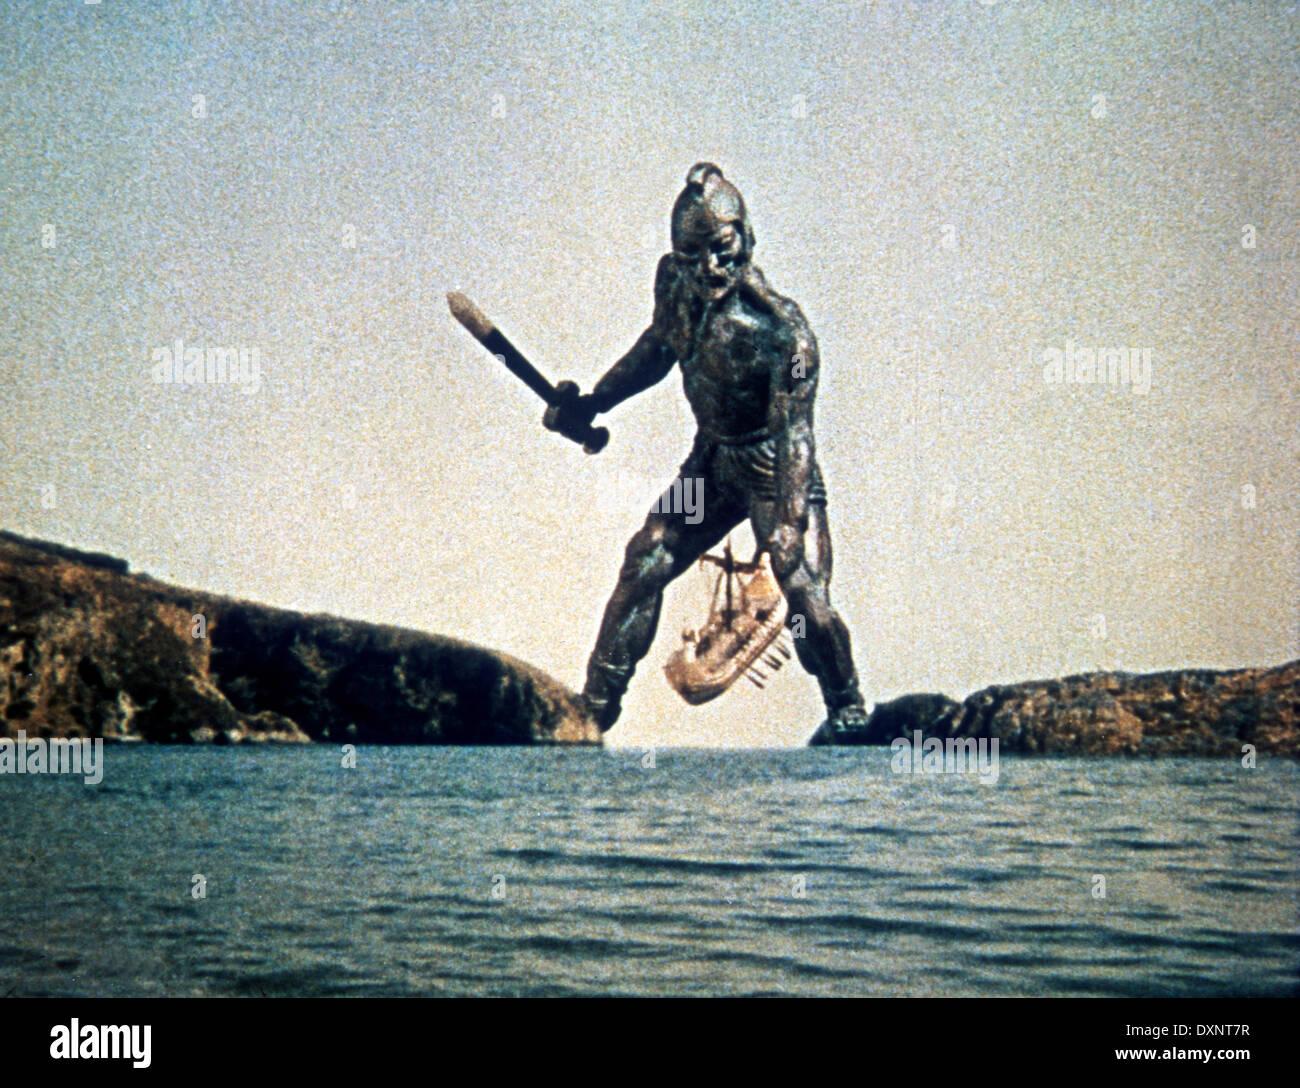 Jason Und Die Argonauten